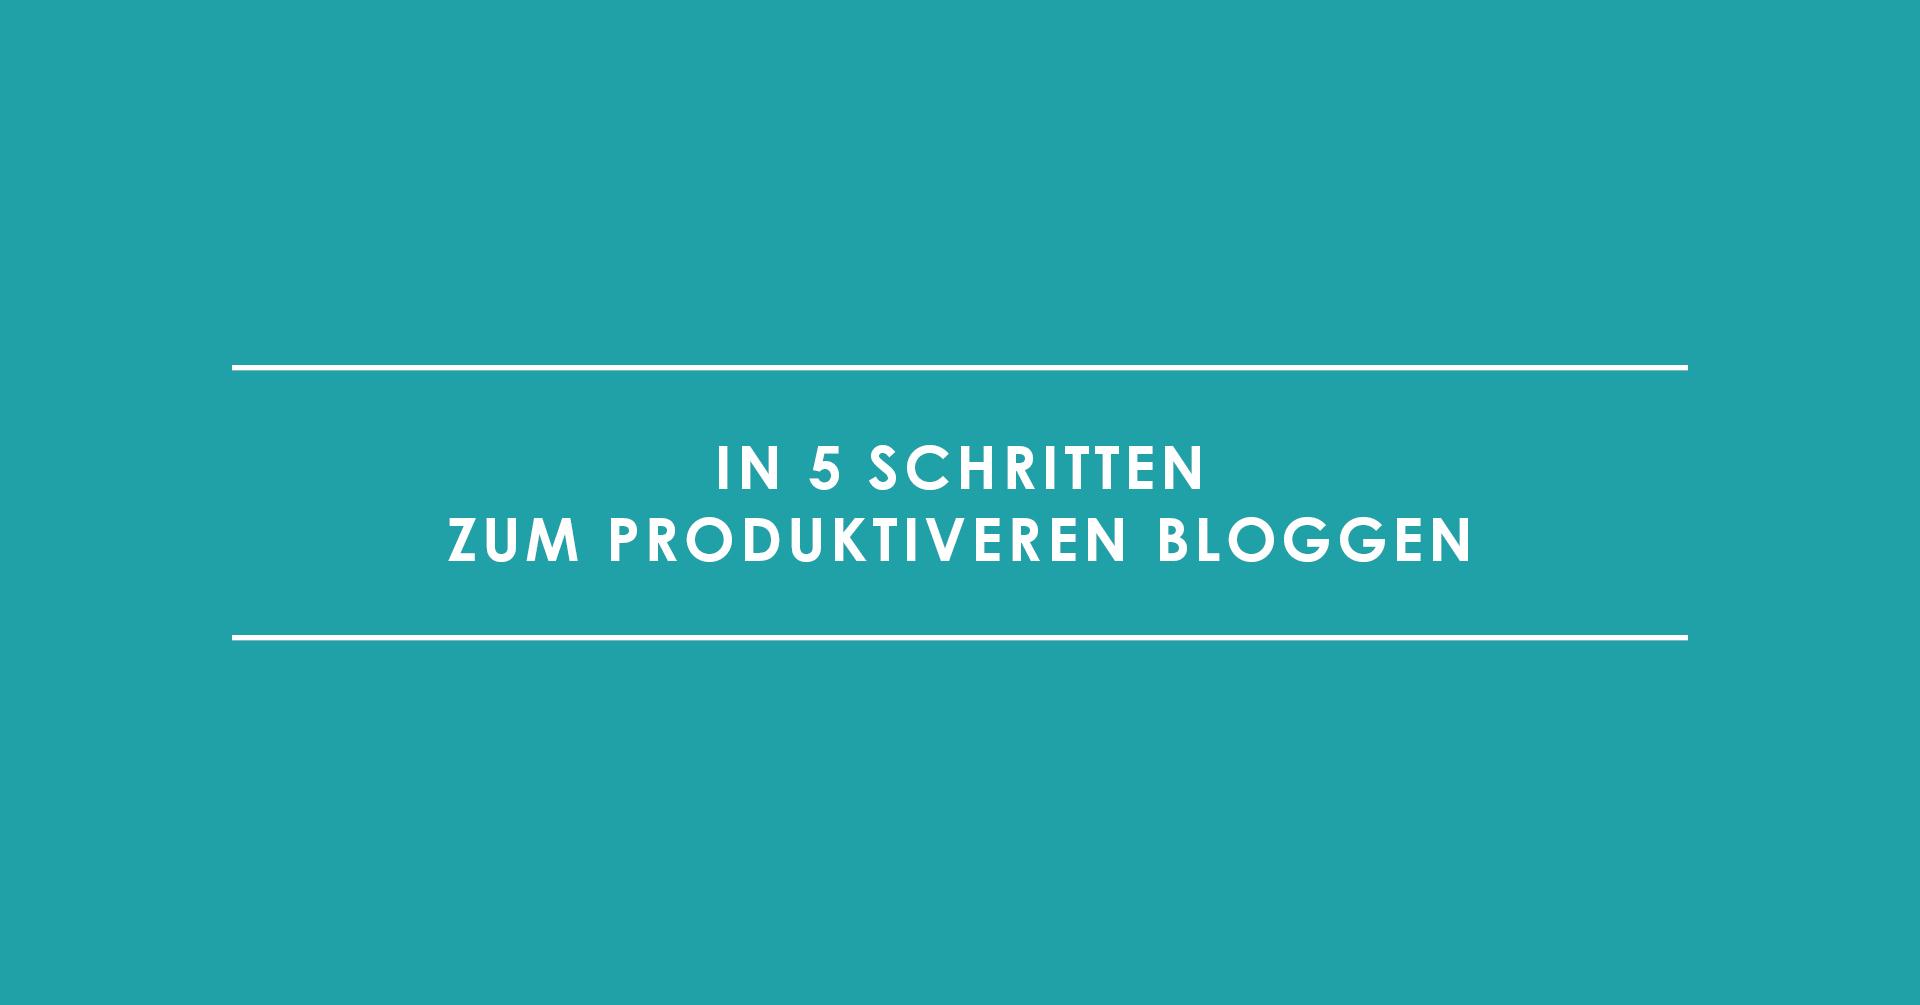 In 5 Schritten zum produktiveren Bloggen